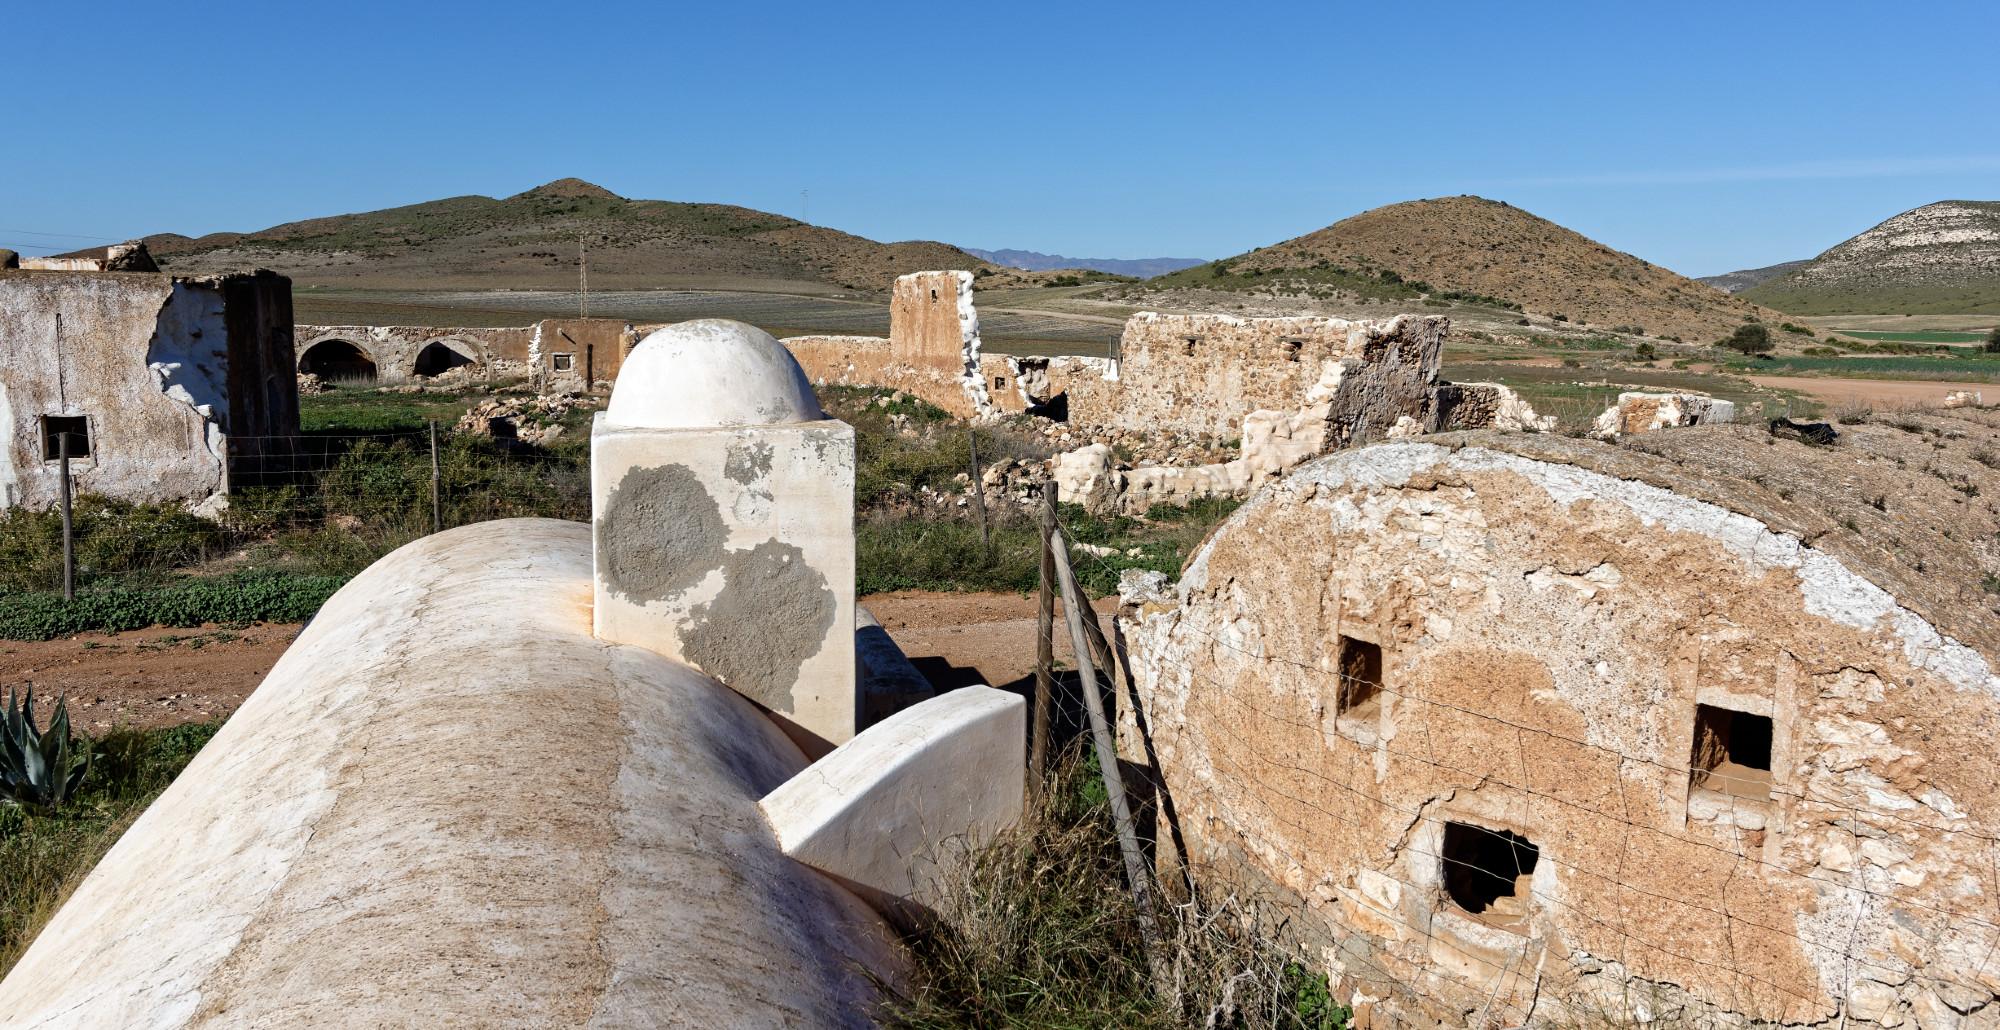 171218-Piste Rodalquilar vers Cortijo del Fraile (Cabo de Gata-Andalousie) (76)_2